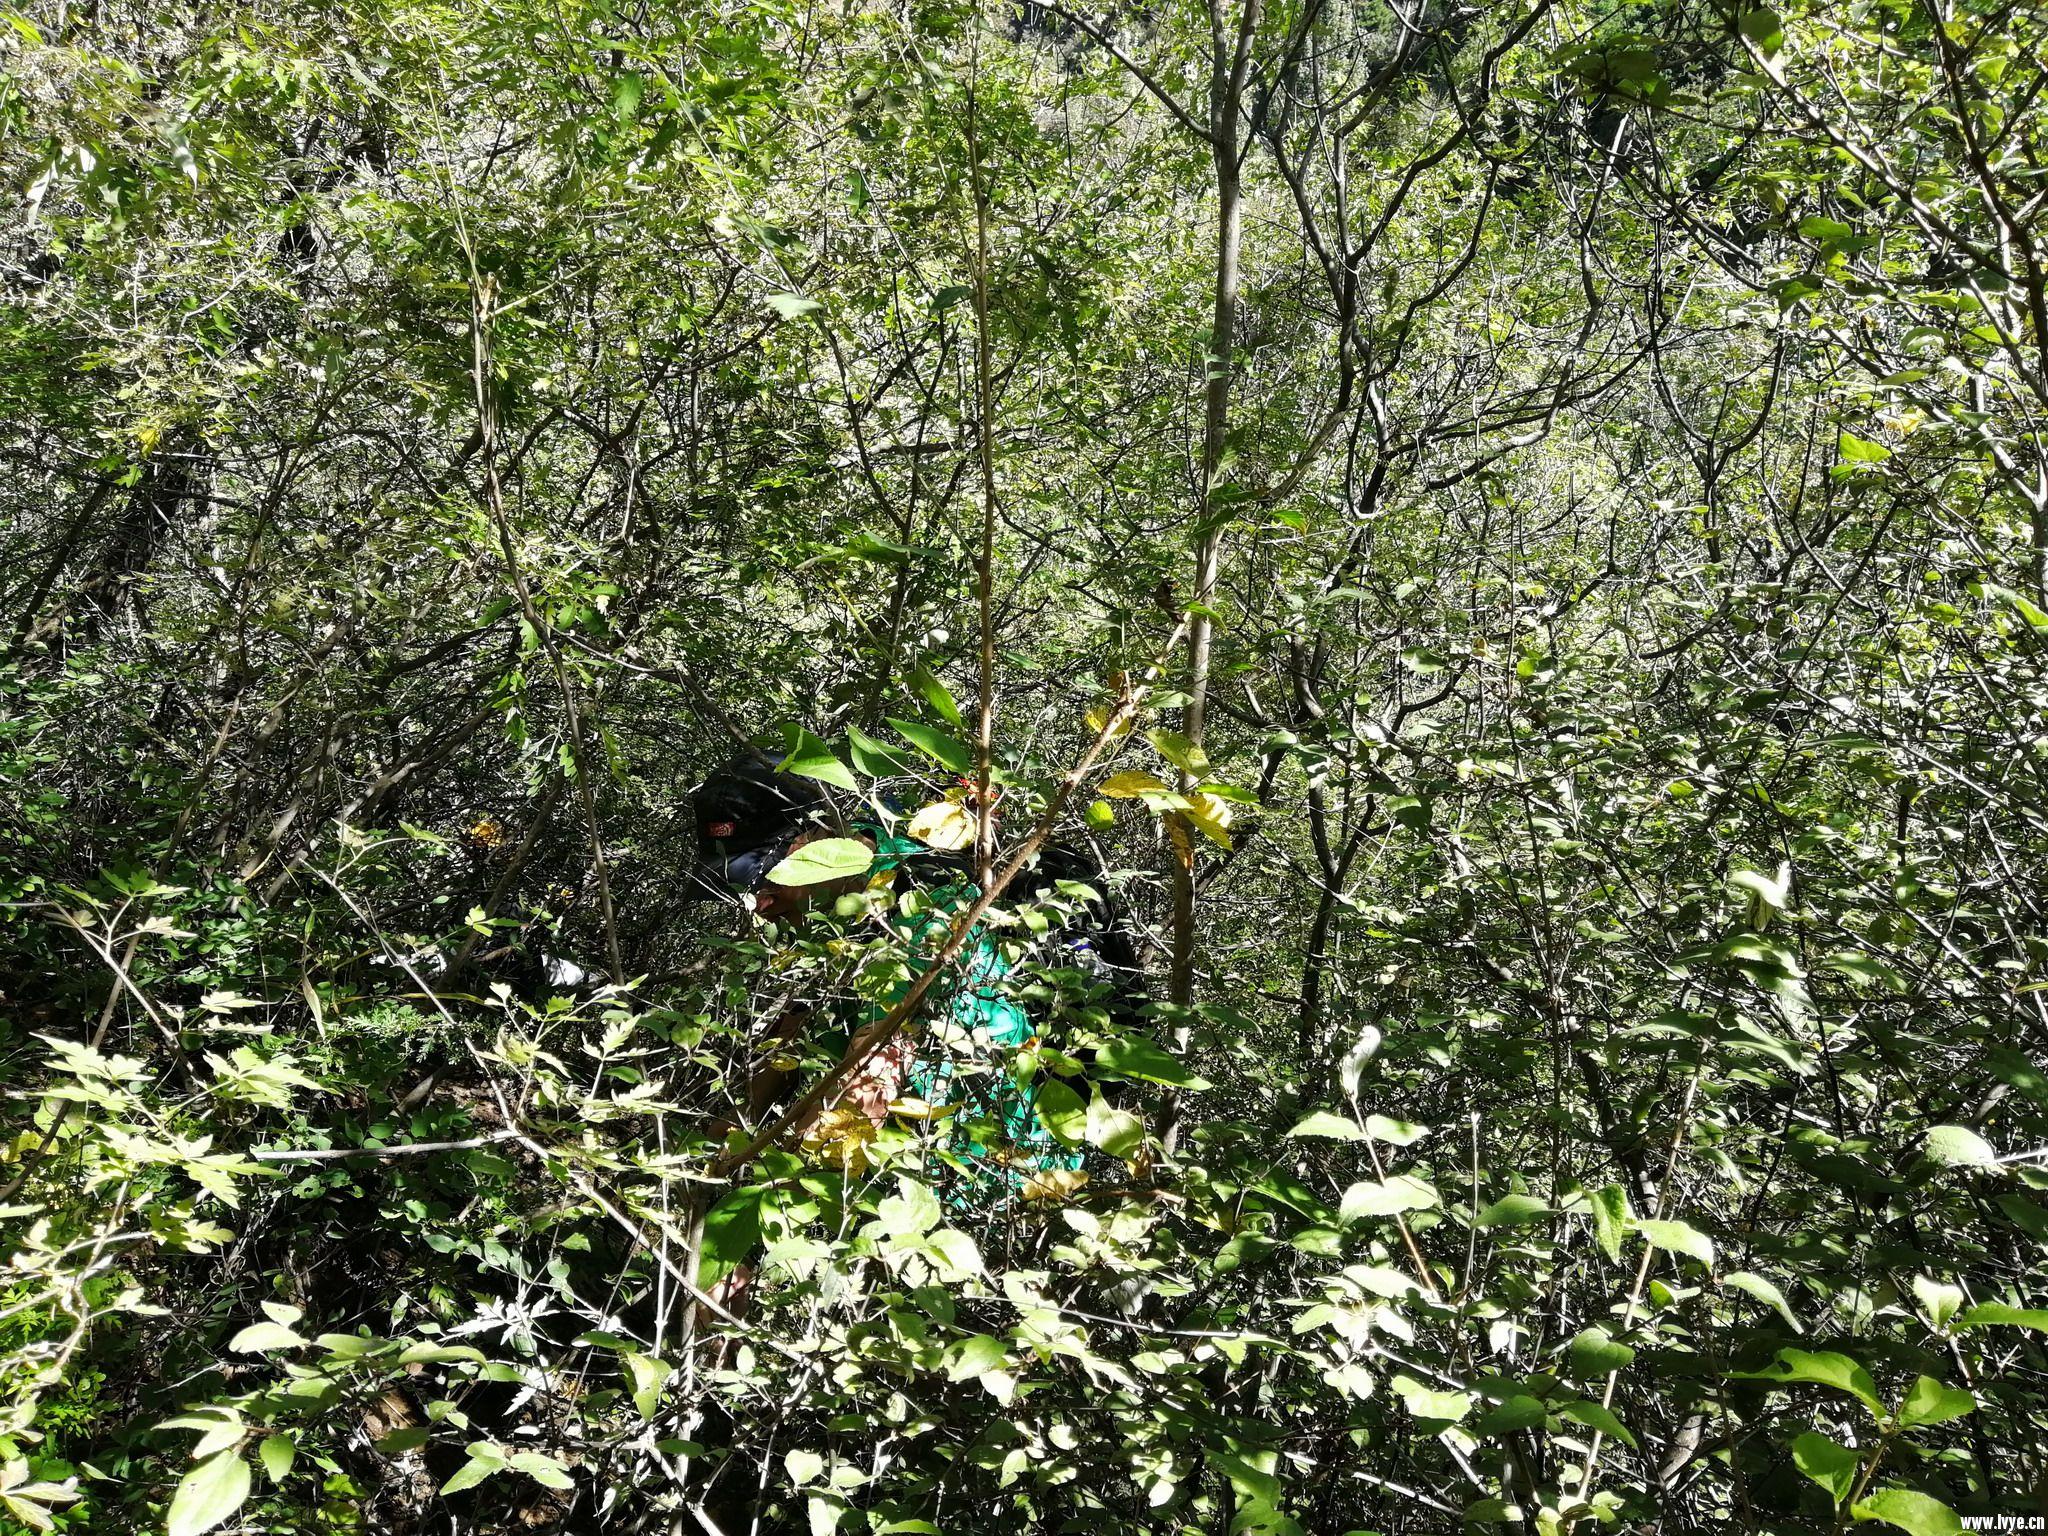 06 穿行于茂密的灌木丛 IMG_4124_resize.JPG